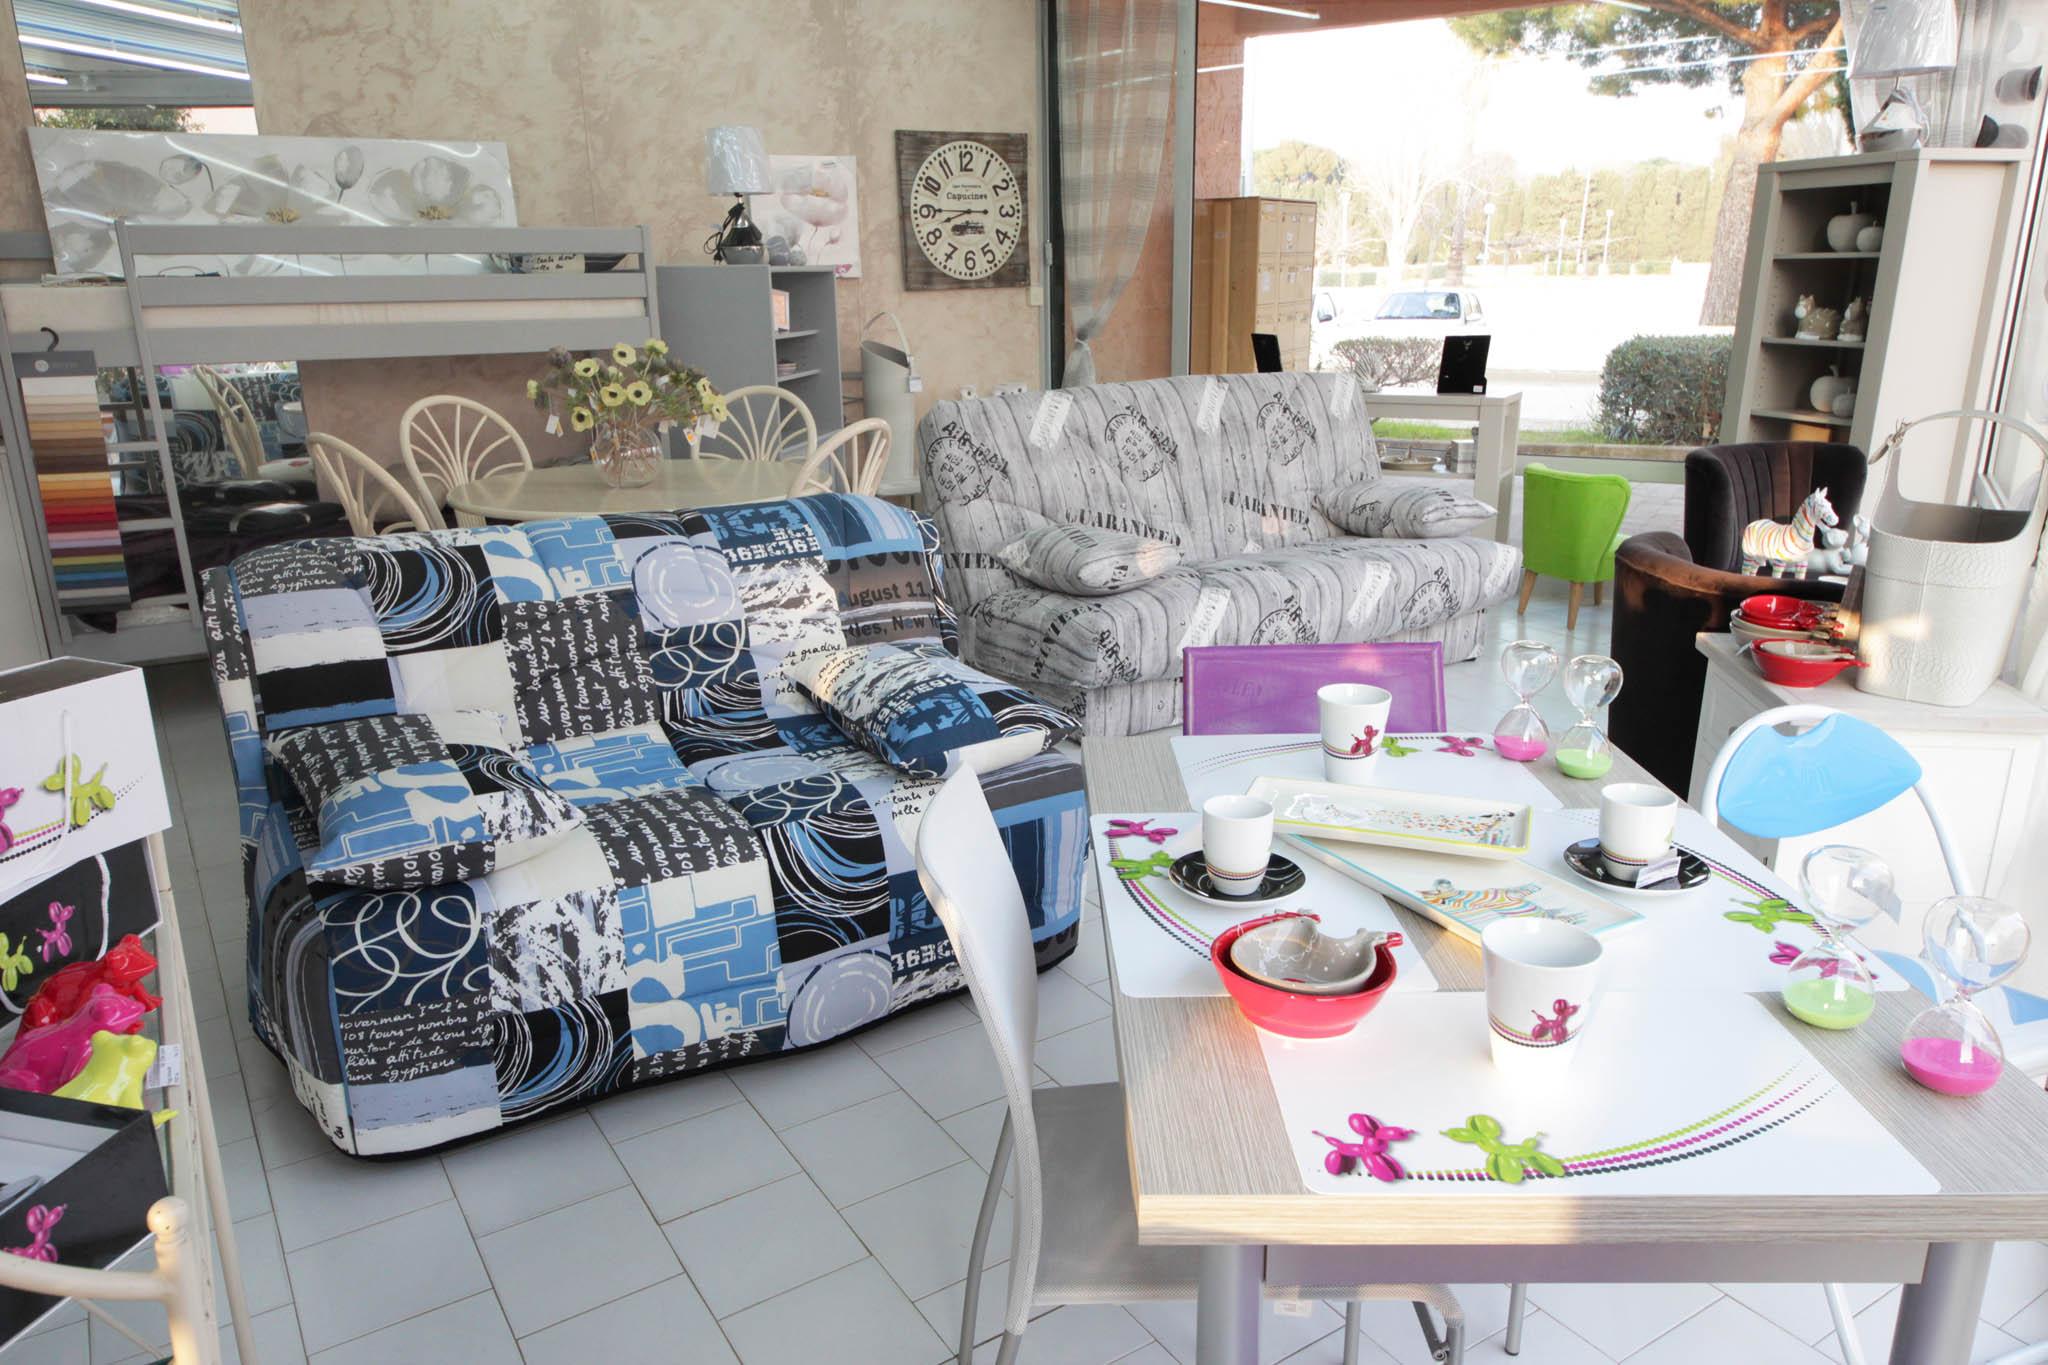 Magasin de meubles dans le var sur la c te d 39 azur vacances services ameublement jir d co - Magasin de meuble a pontarlier ...